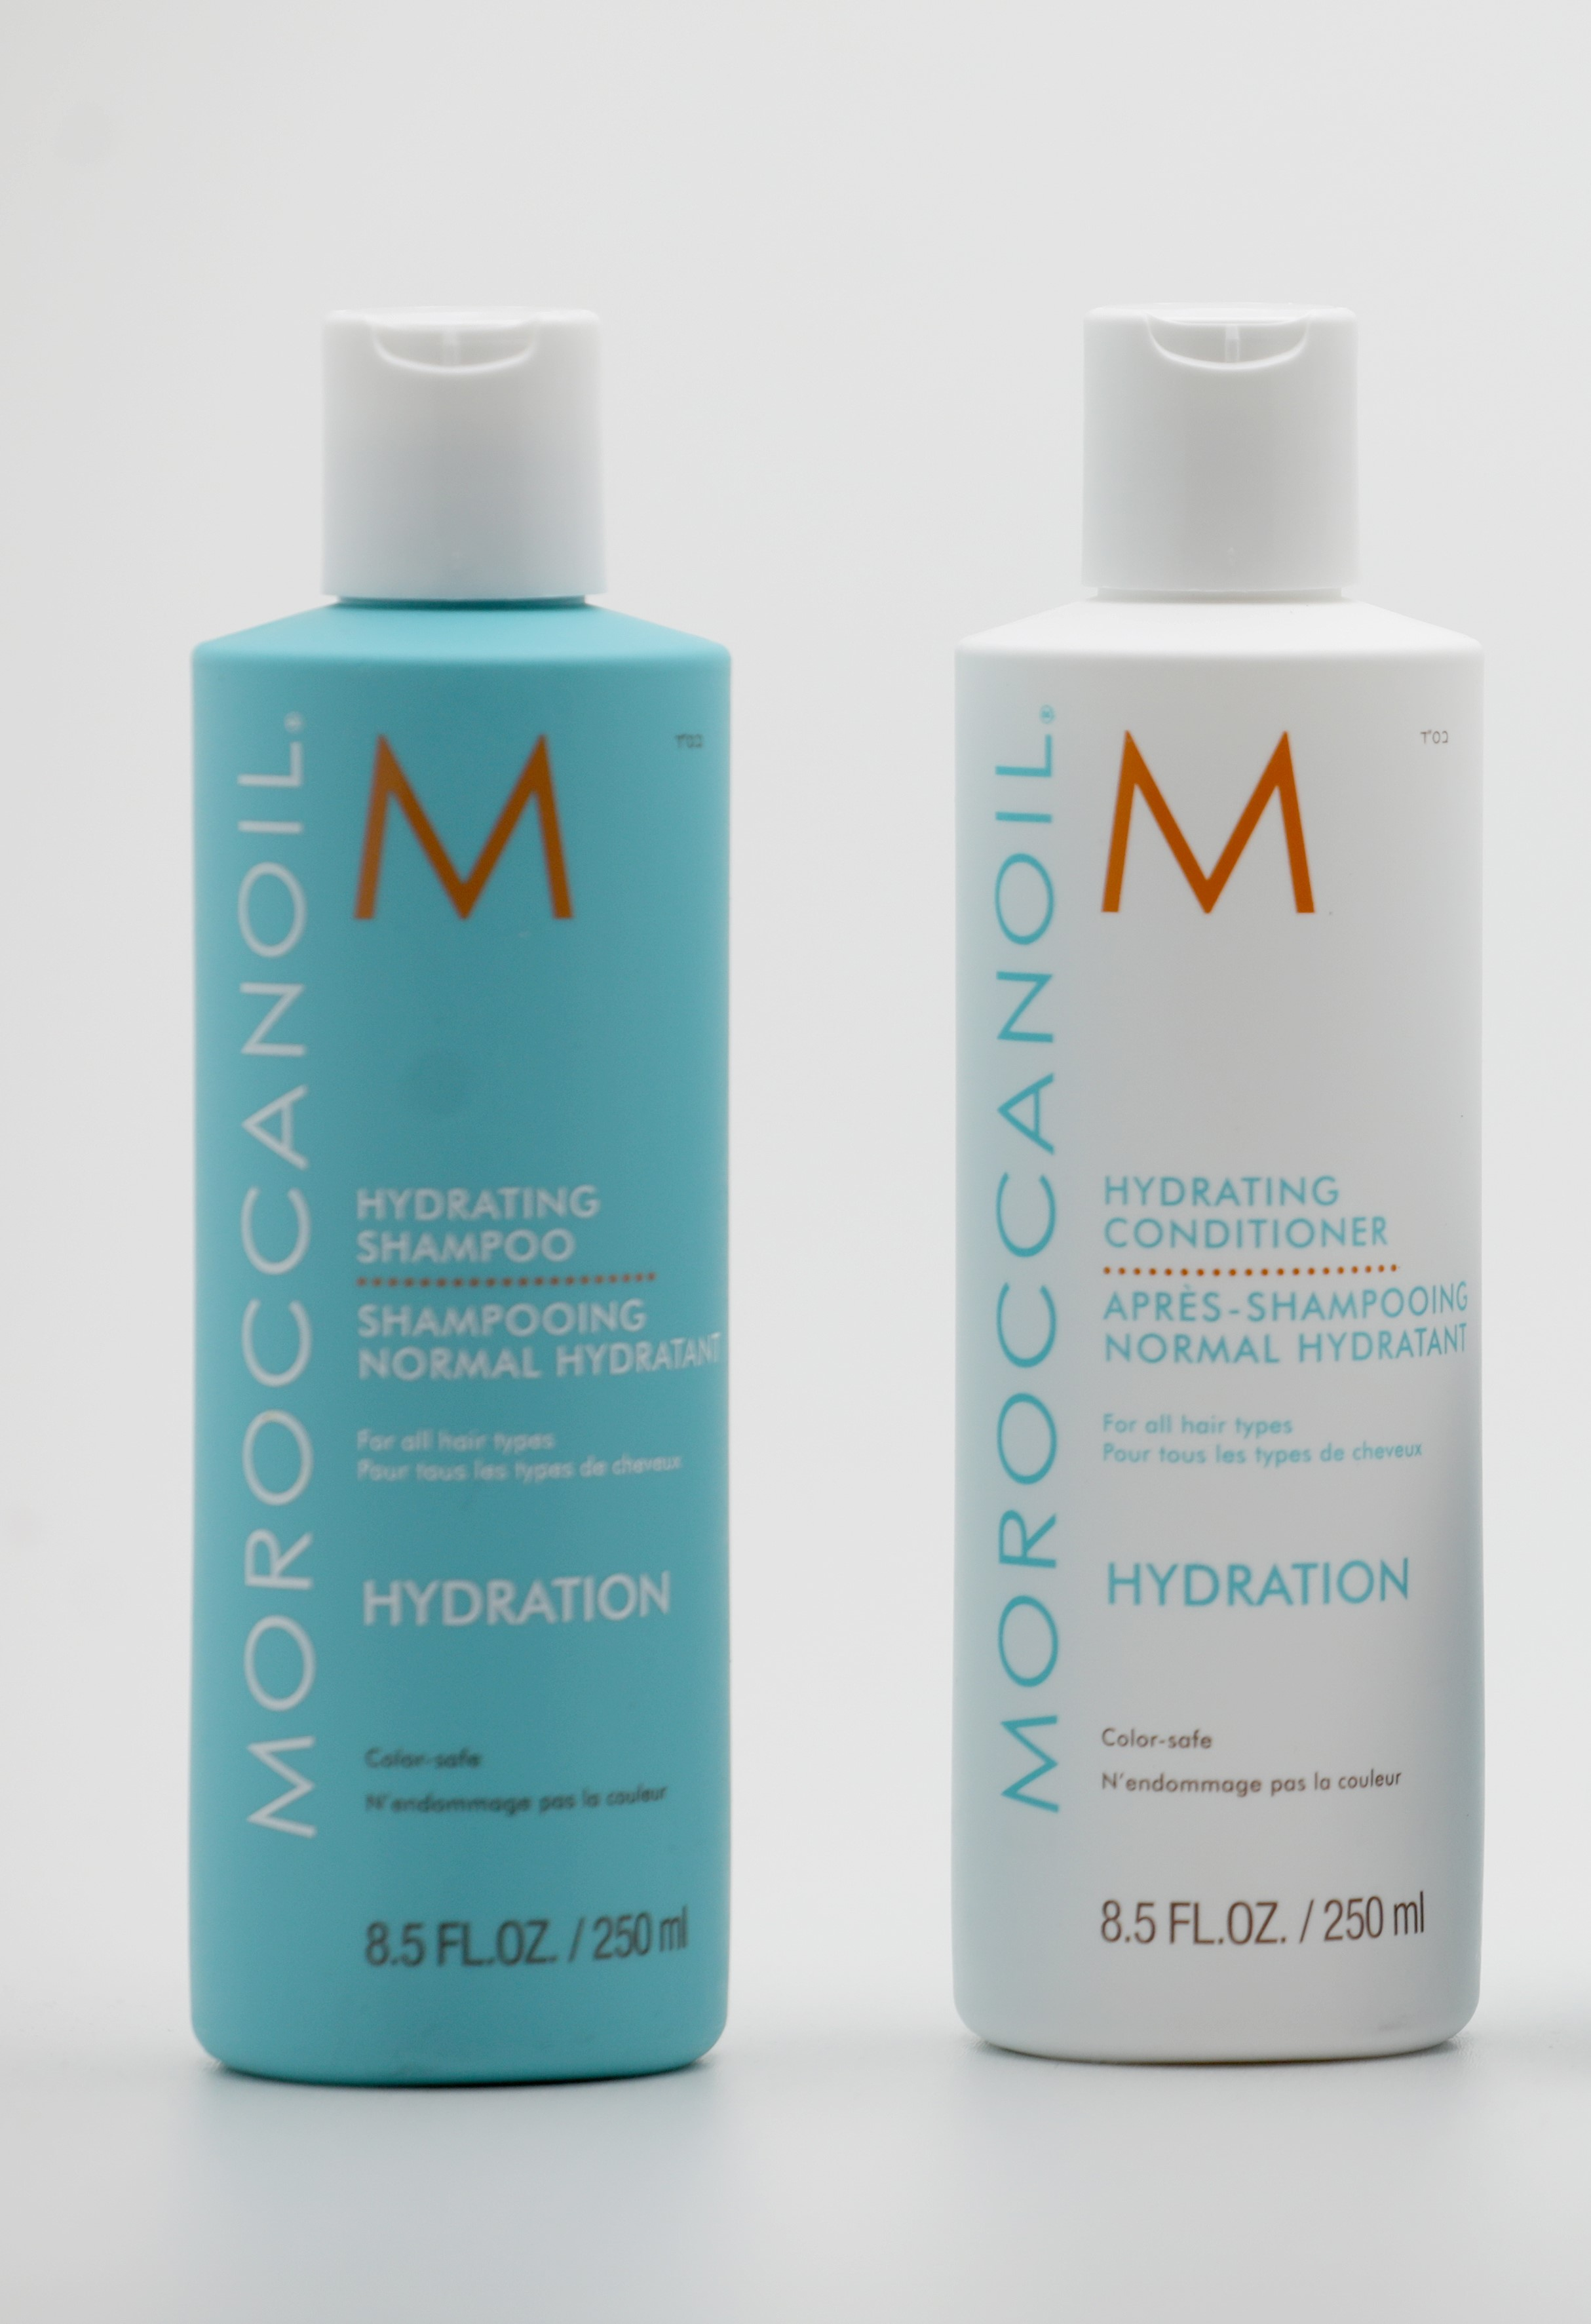 shampooing et après shampooing usage quotidien